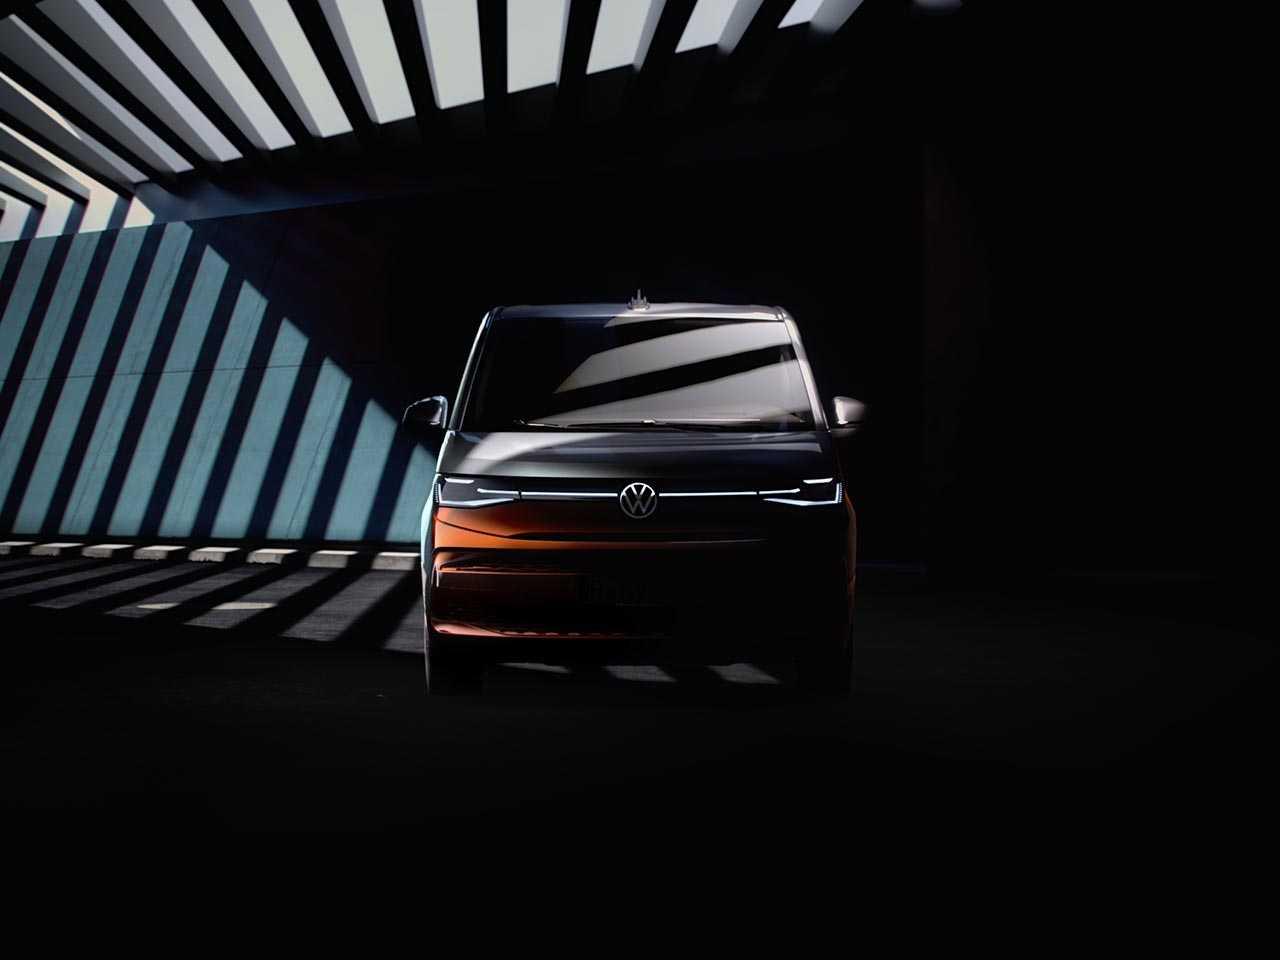 Teaser antecipando a nova geração da Multivan, sucessora da Kombi na Europa